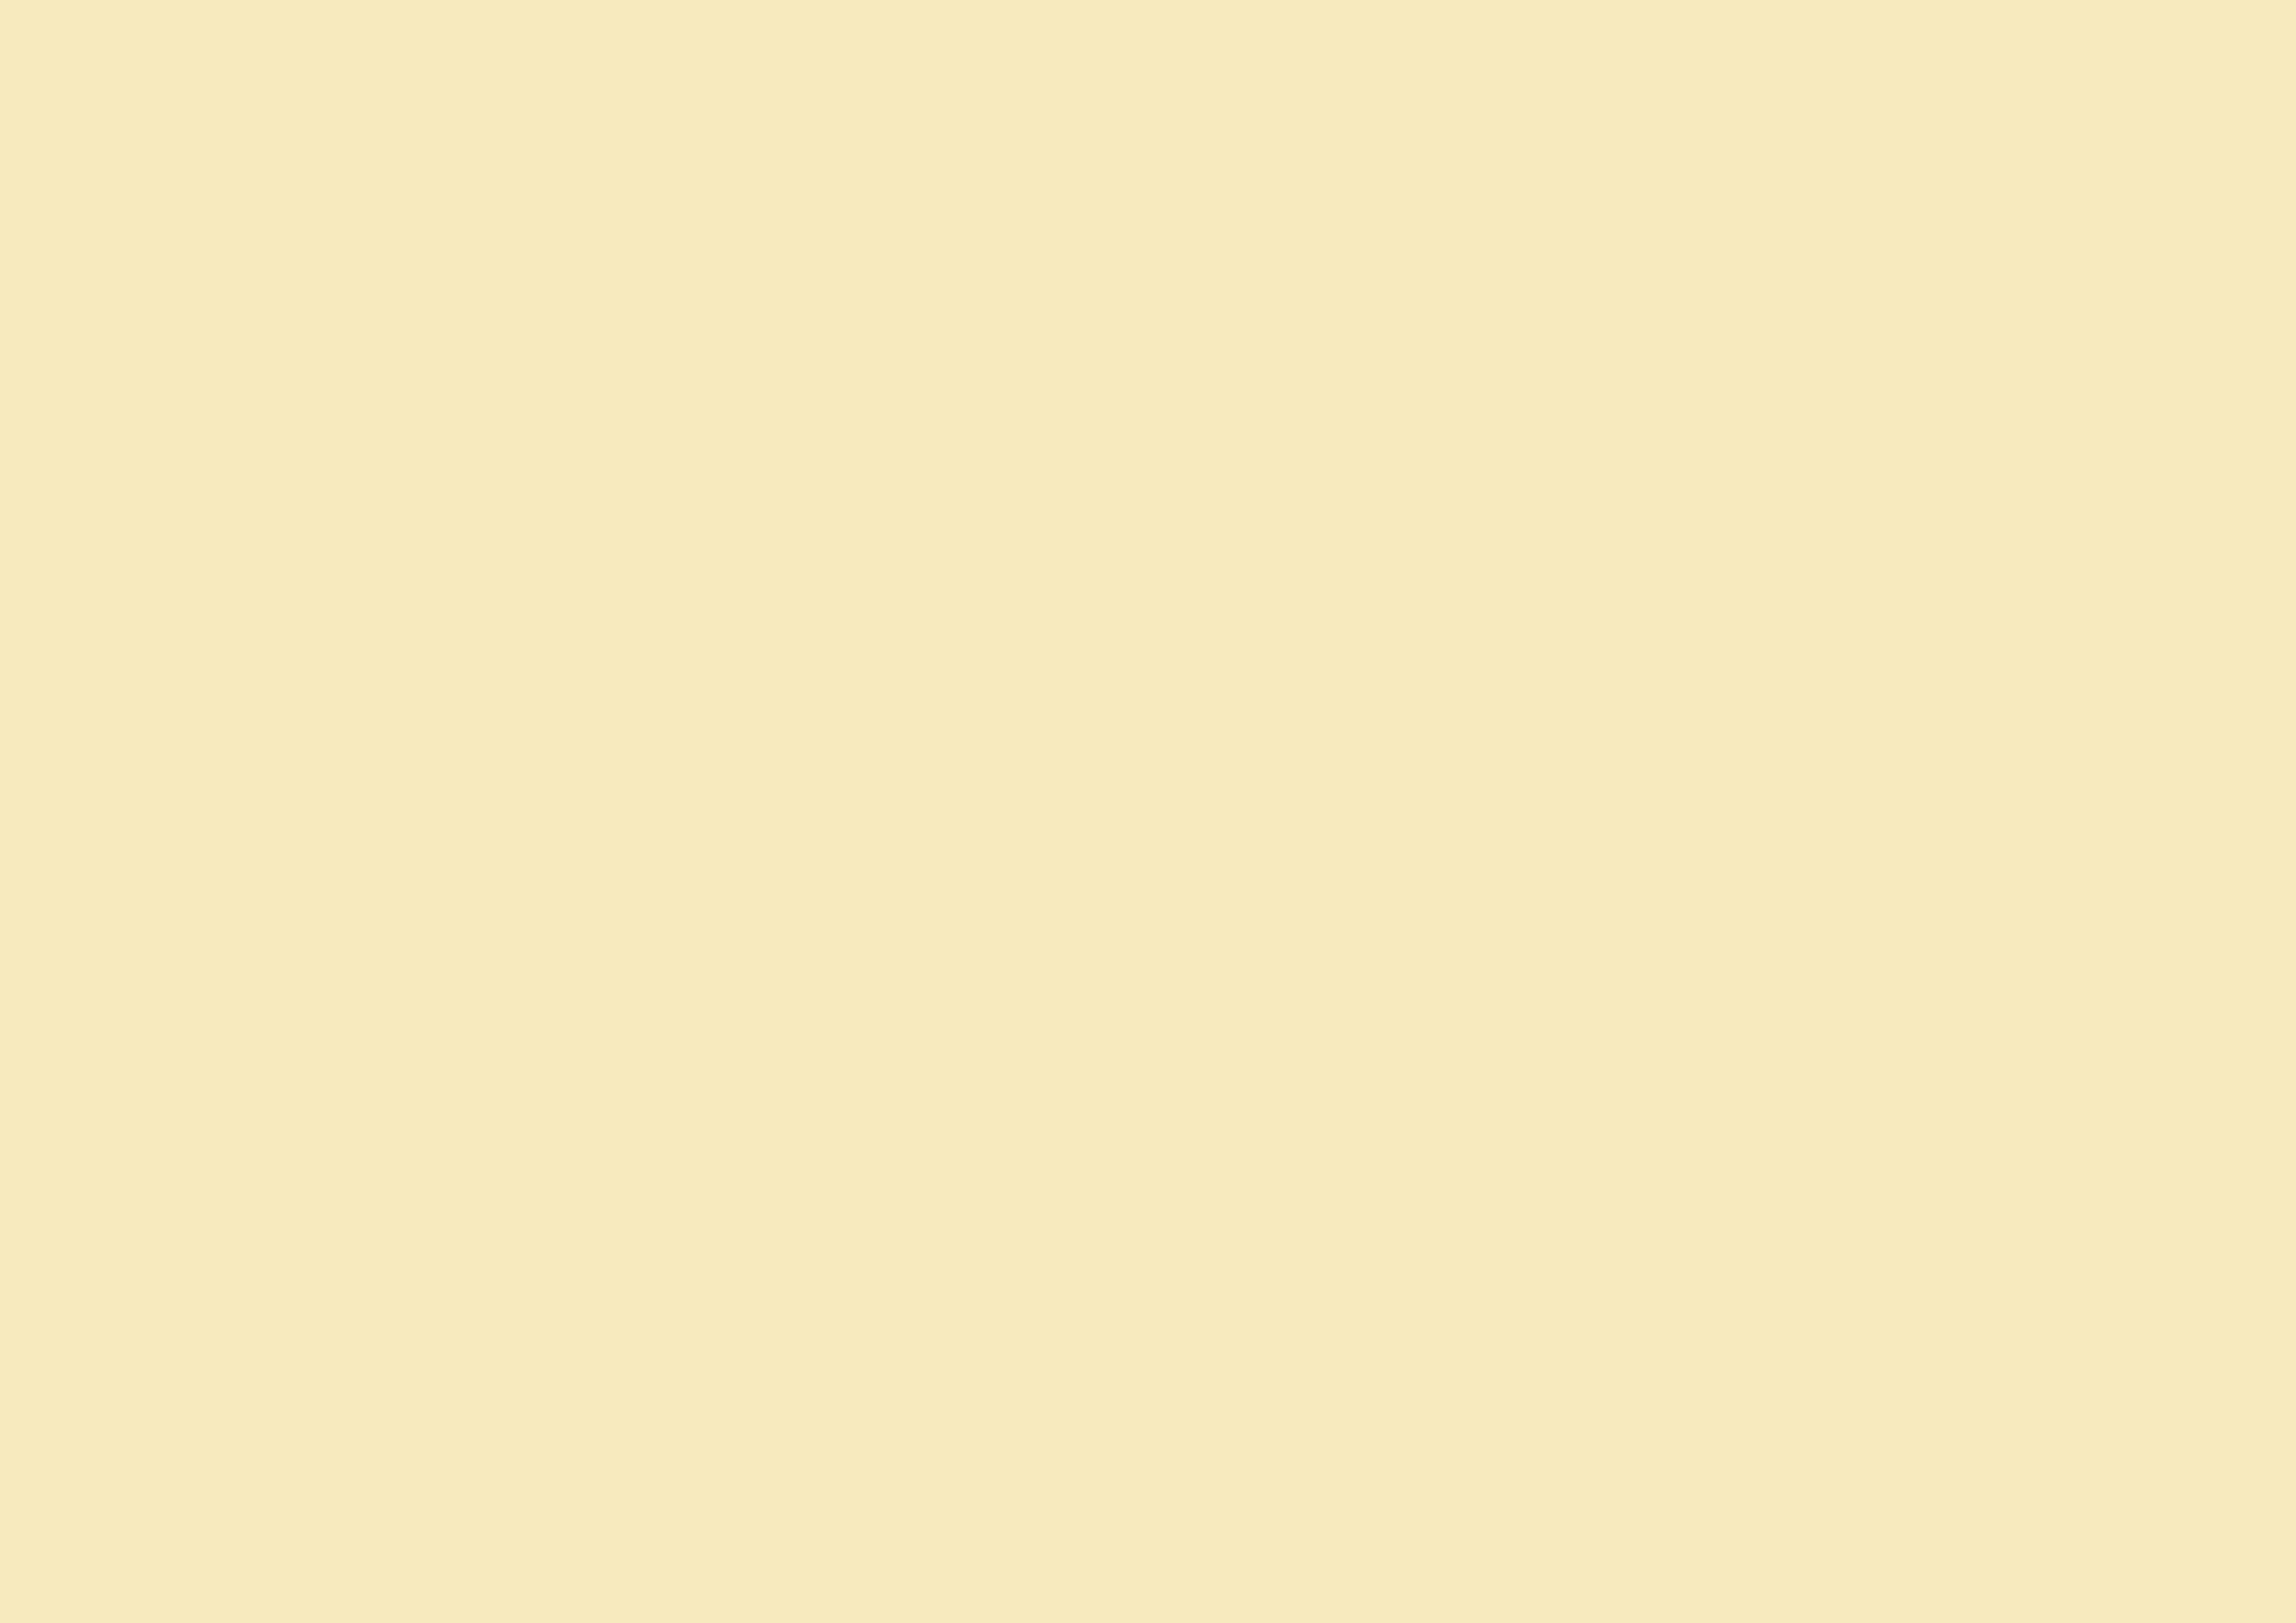 3508x2480 Lemon Meringue Solid Color Background